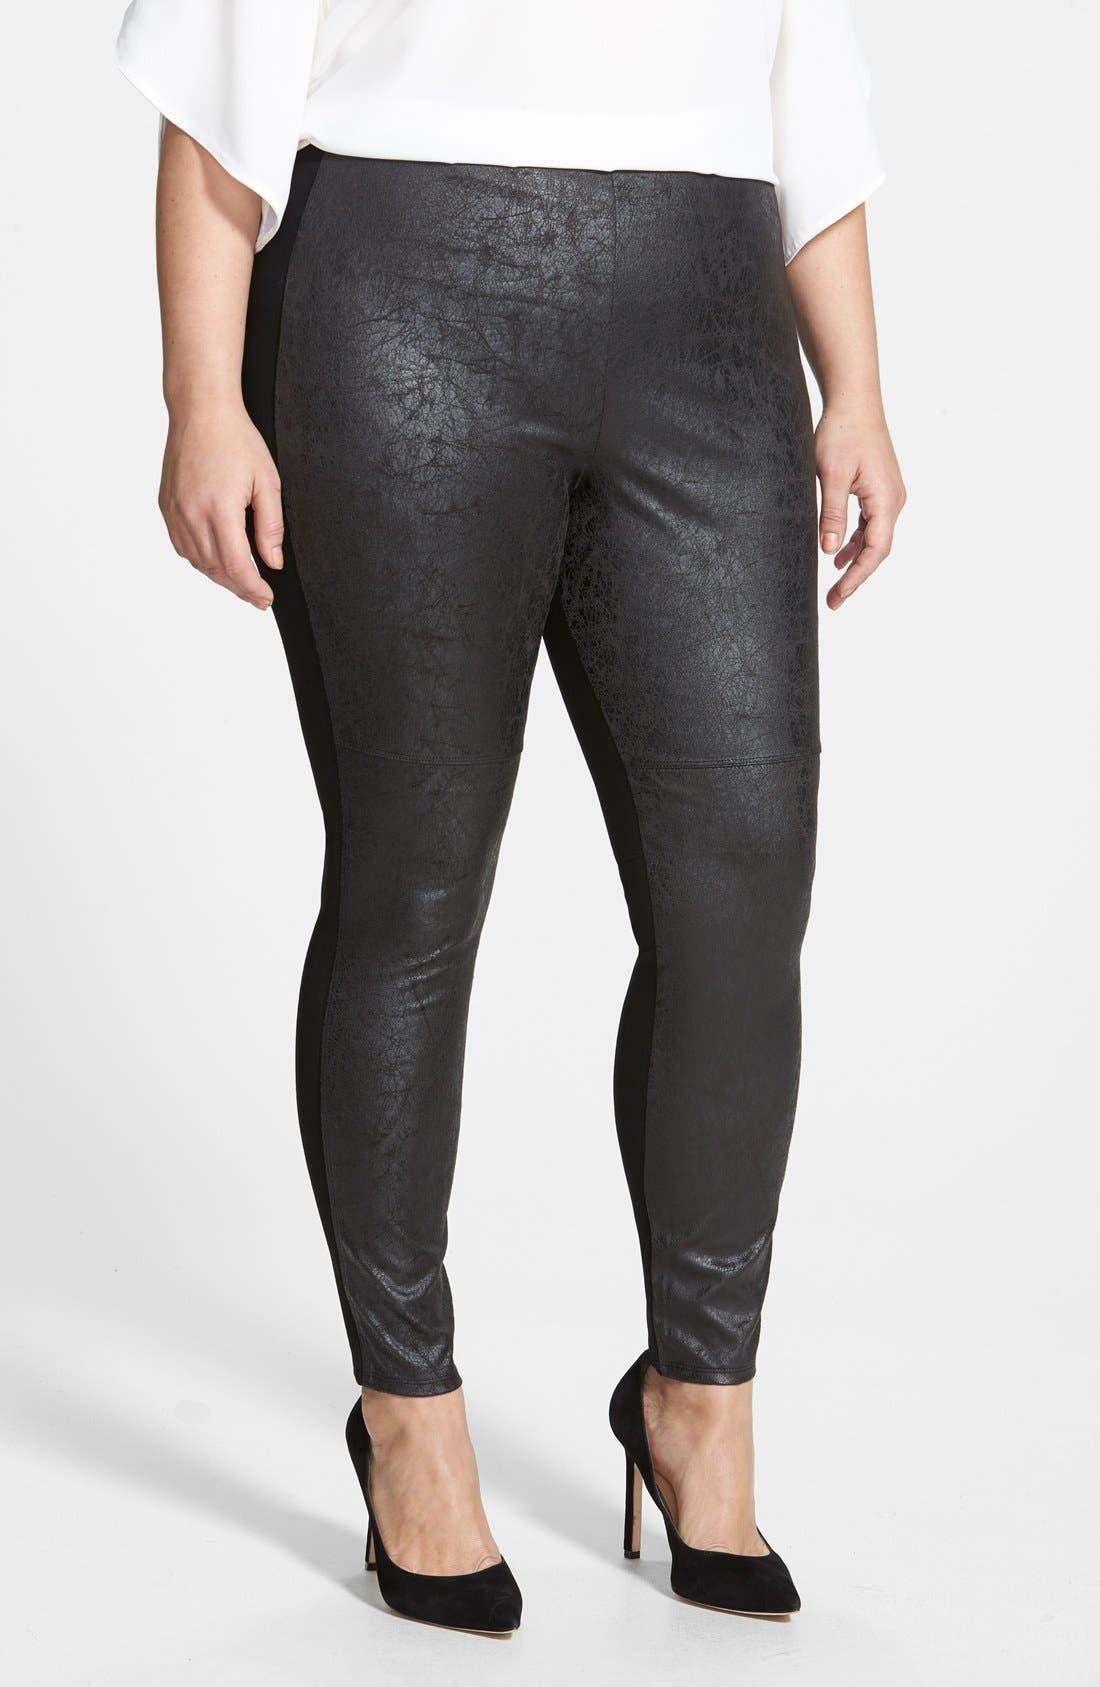 LYSSÉ Distressed Faux Leather & Ponte Knit Leggings, Main, color, 001